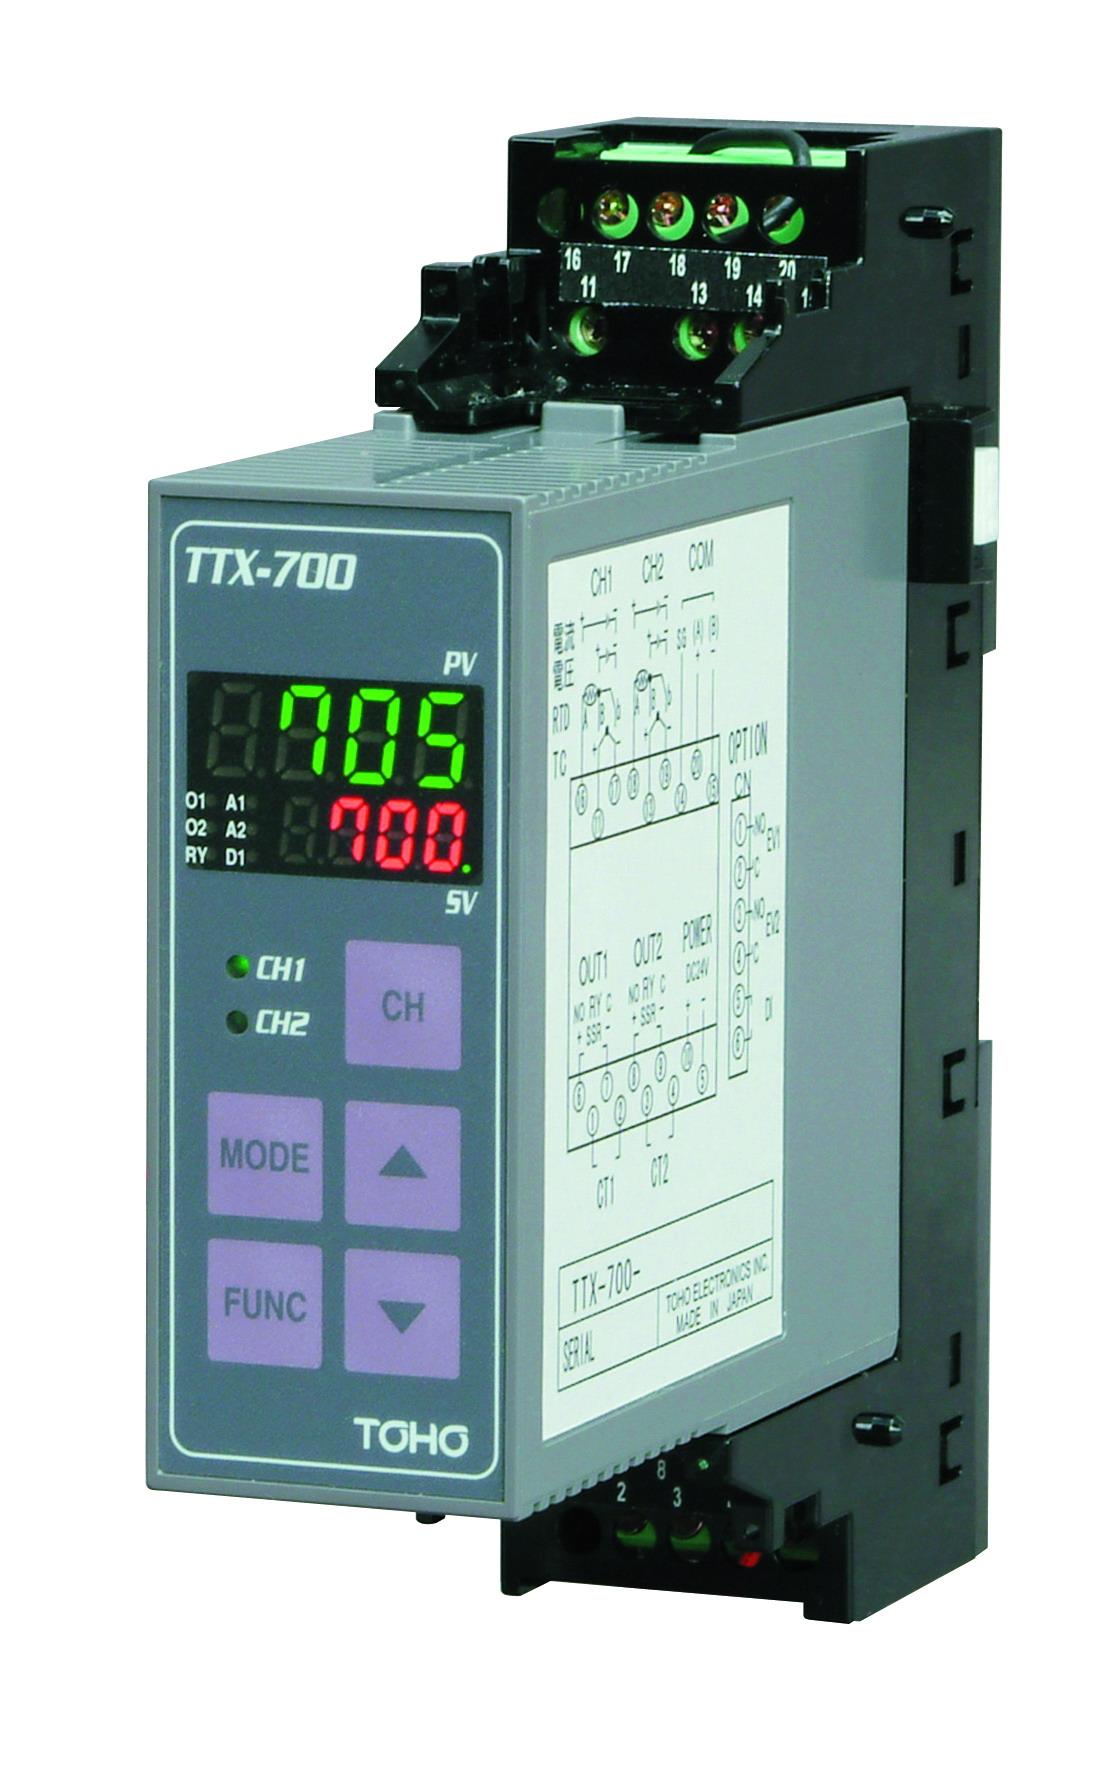 DINレール型2chデジタル指示調節計TTX-700